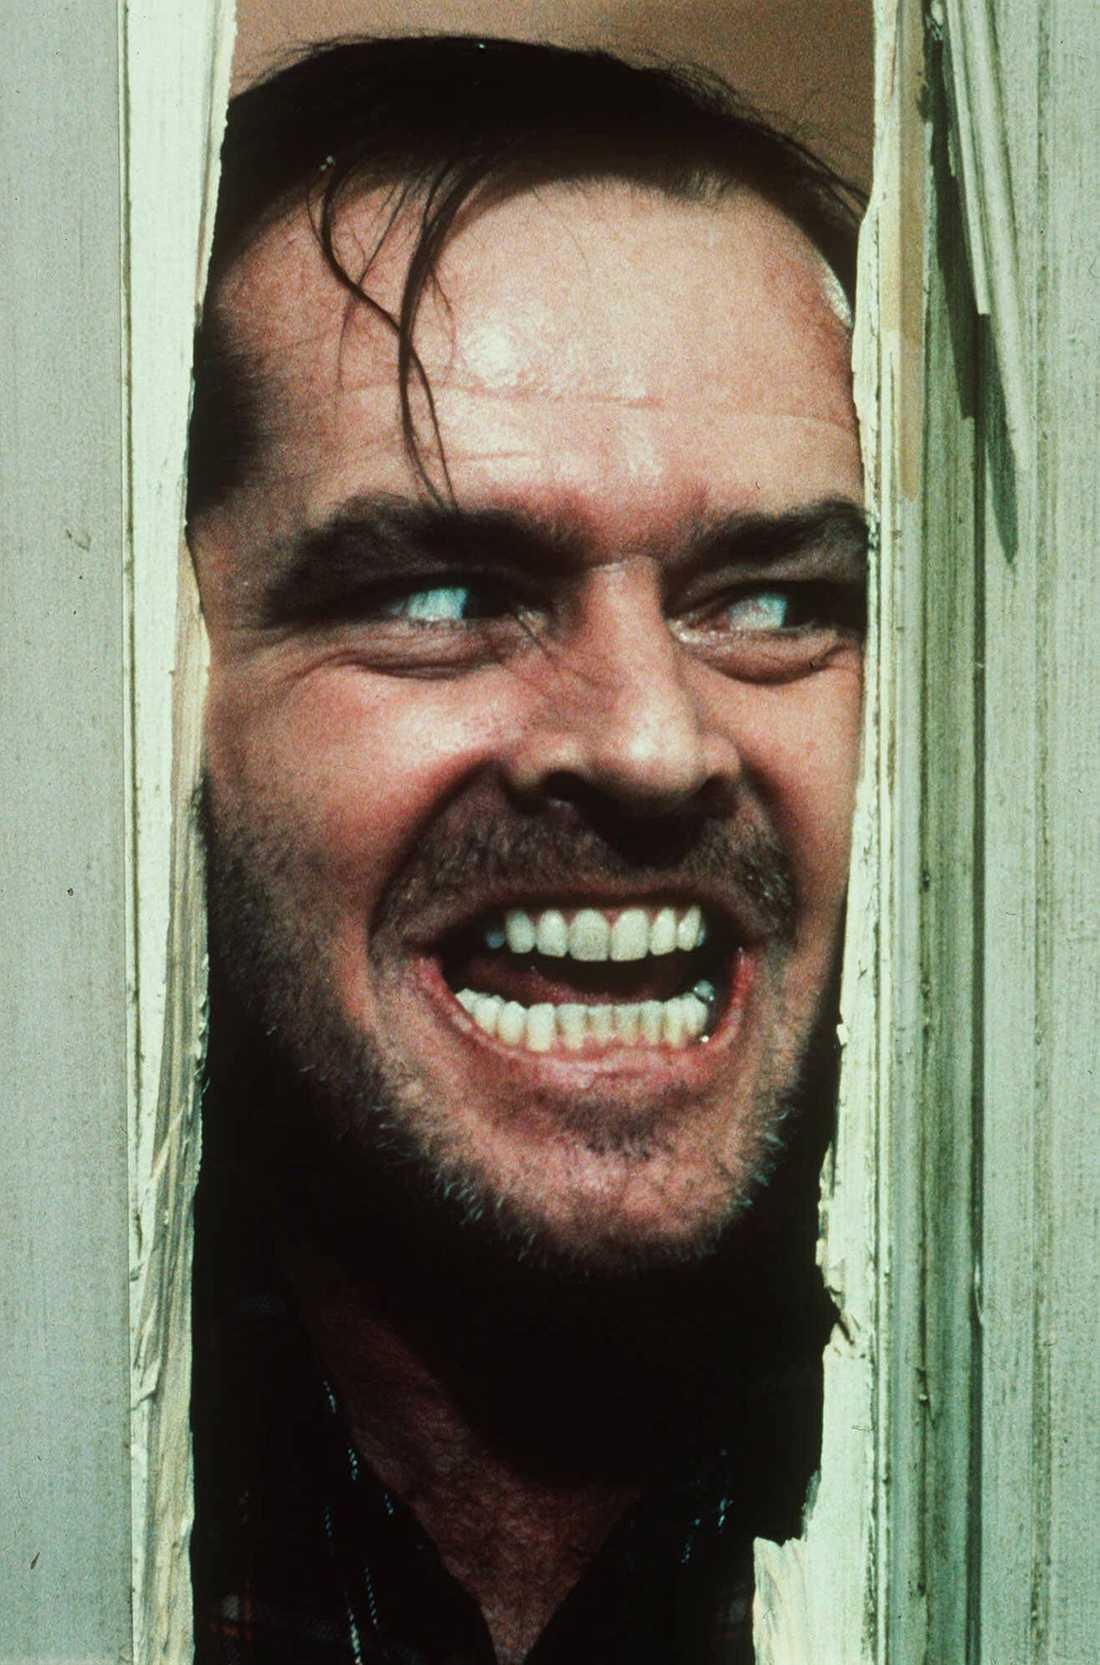 """1 The shining Inspelningsår: 1980. Skådespelare: Jack Nicholson, Shelley Duvall, Danny Lloyd. Handling i korthet: Familj tillbringar vintern på ett ödsligt beläget hotell hemsökt av onda krafter. Klassisk scen: Jack Nicholsons rollfigur hugger sönder dörren med en yxa och väser """"Here's Johnny!""""."""